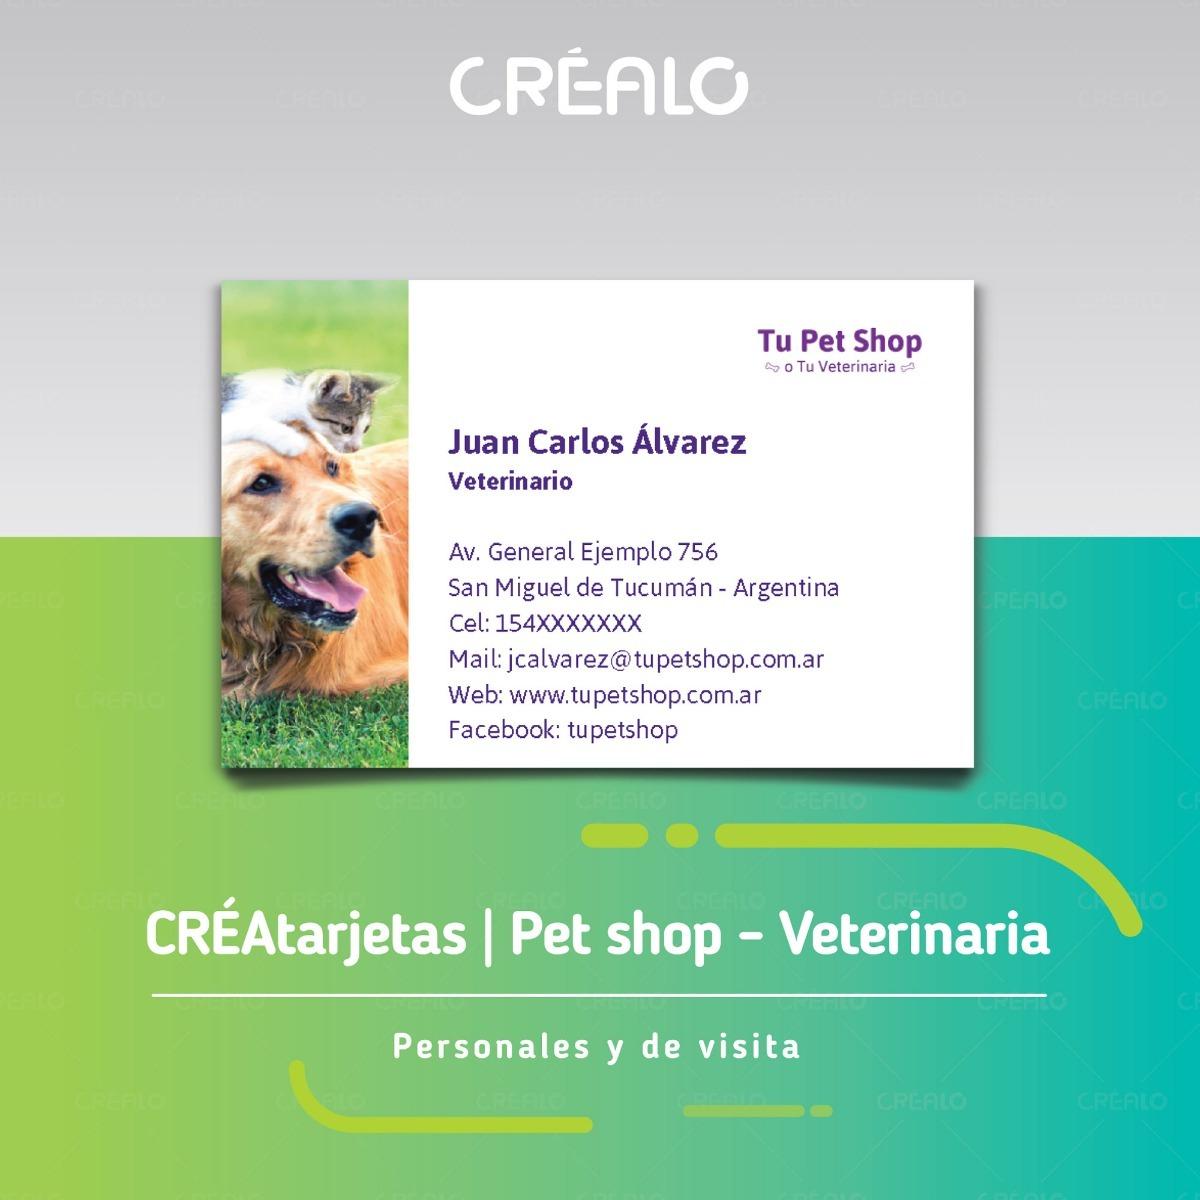 Tarjetas Personales Pet Shop Veterinaria Crealo Plantill 50